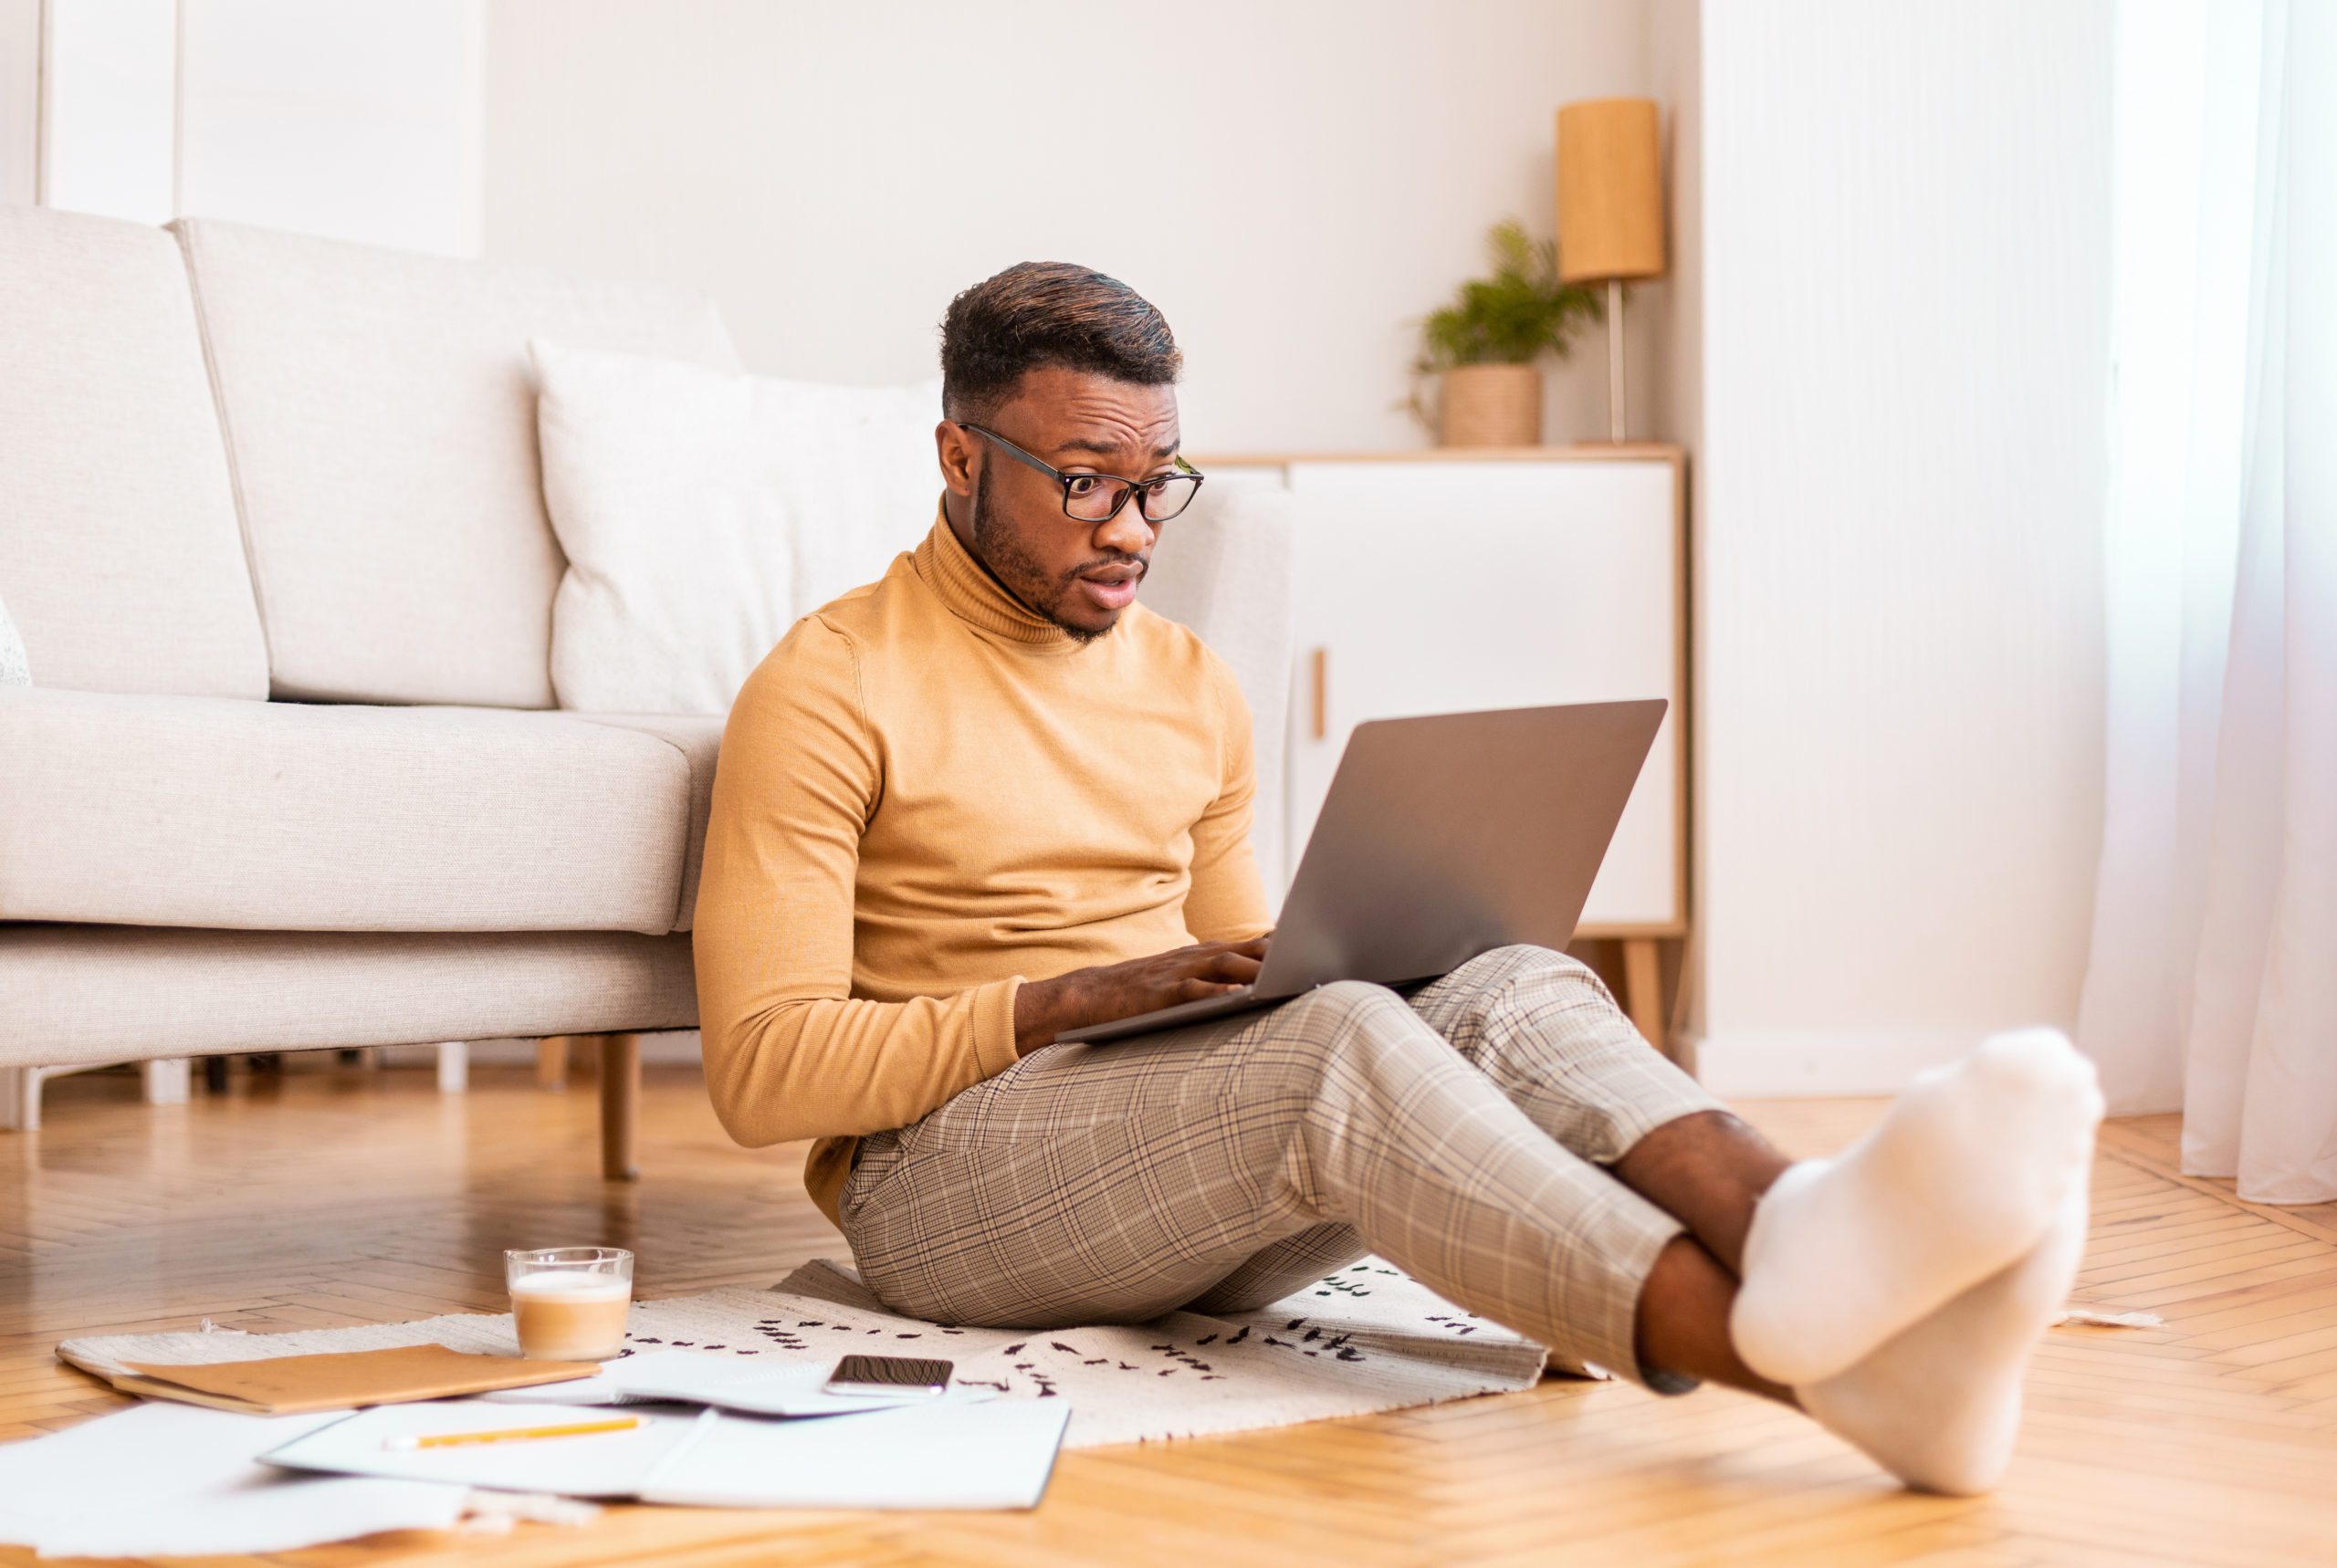 Mann lernt online